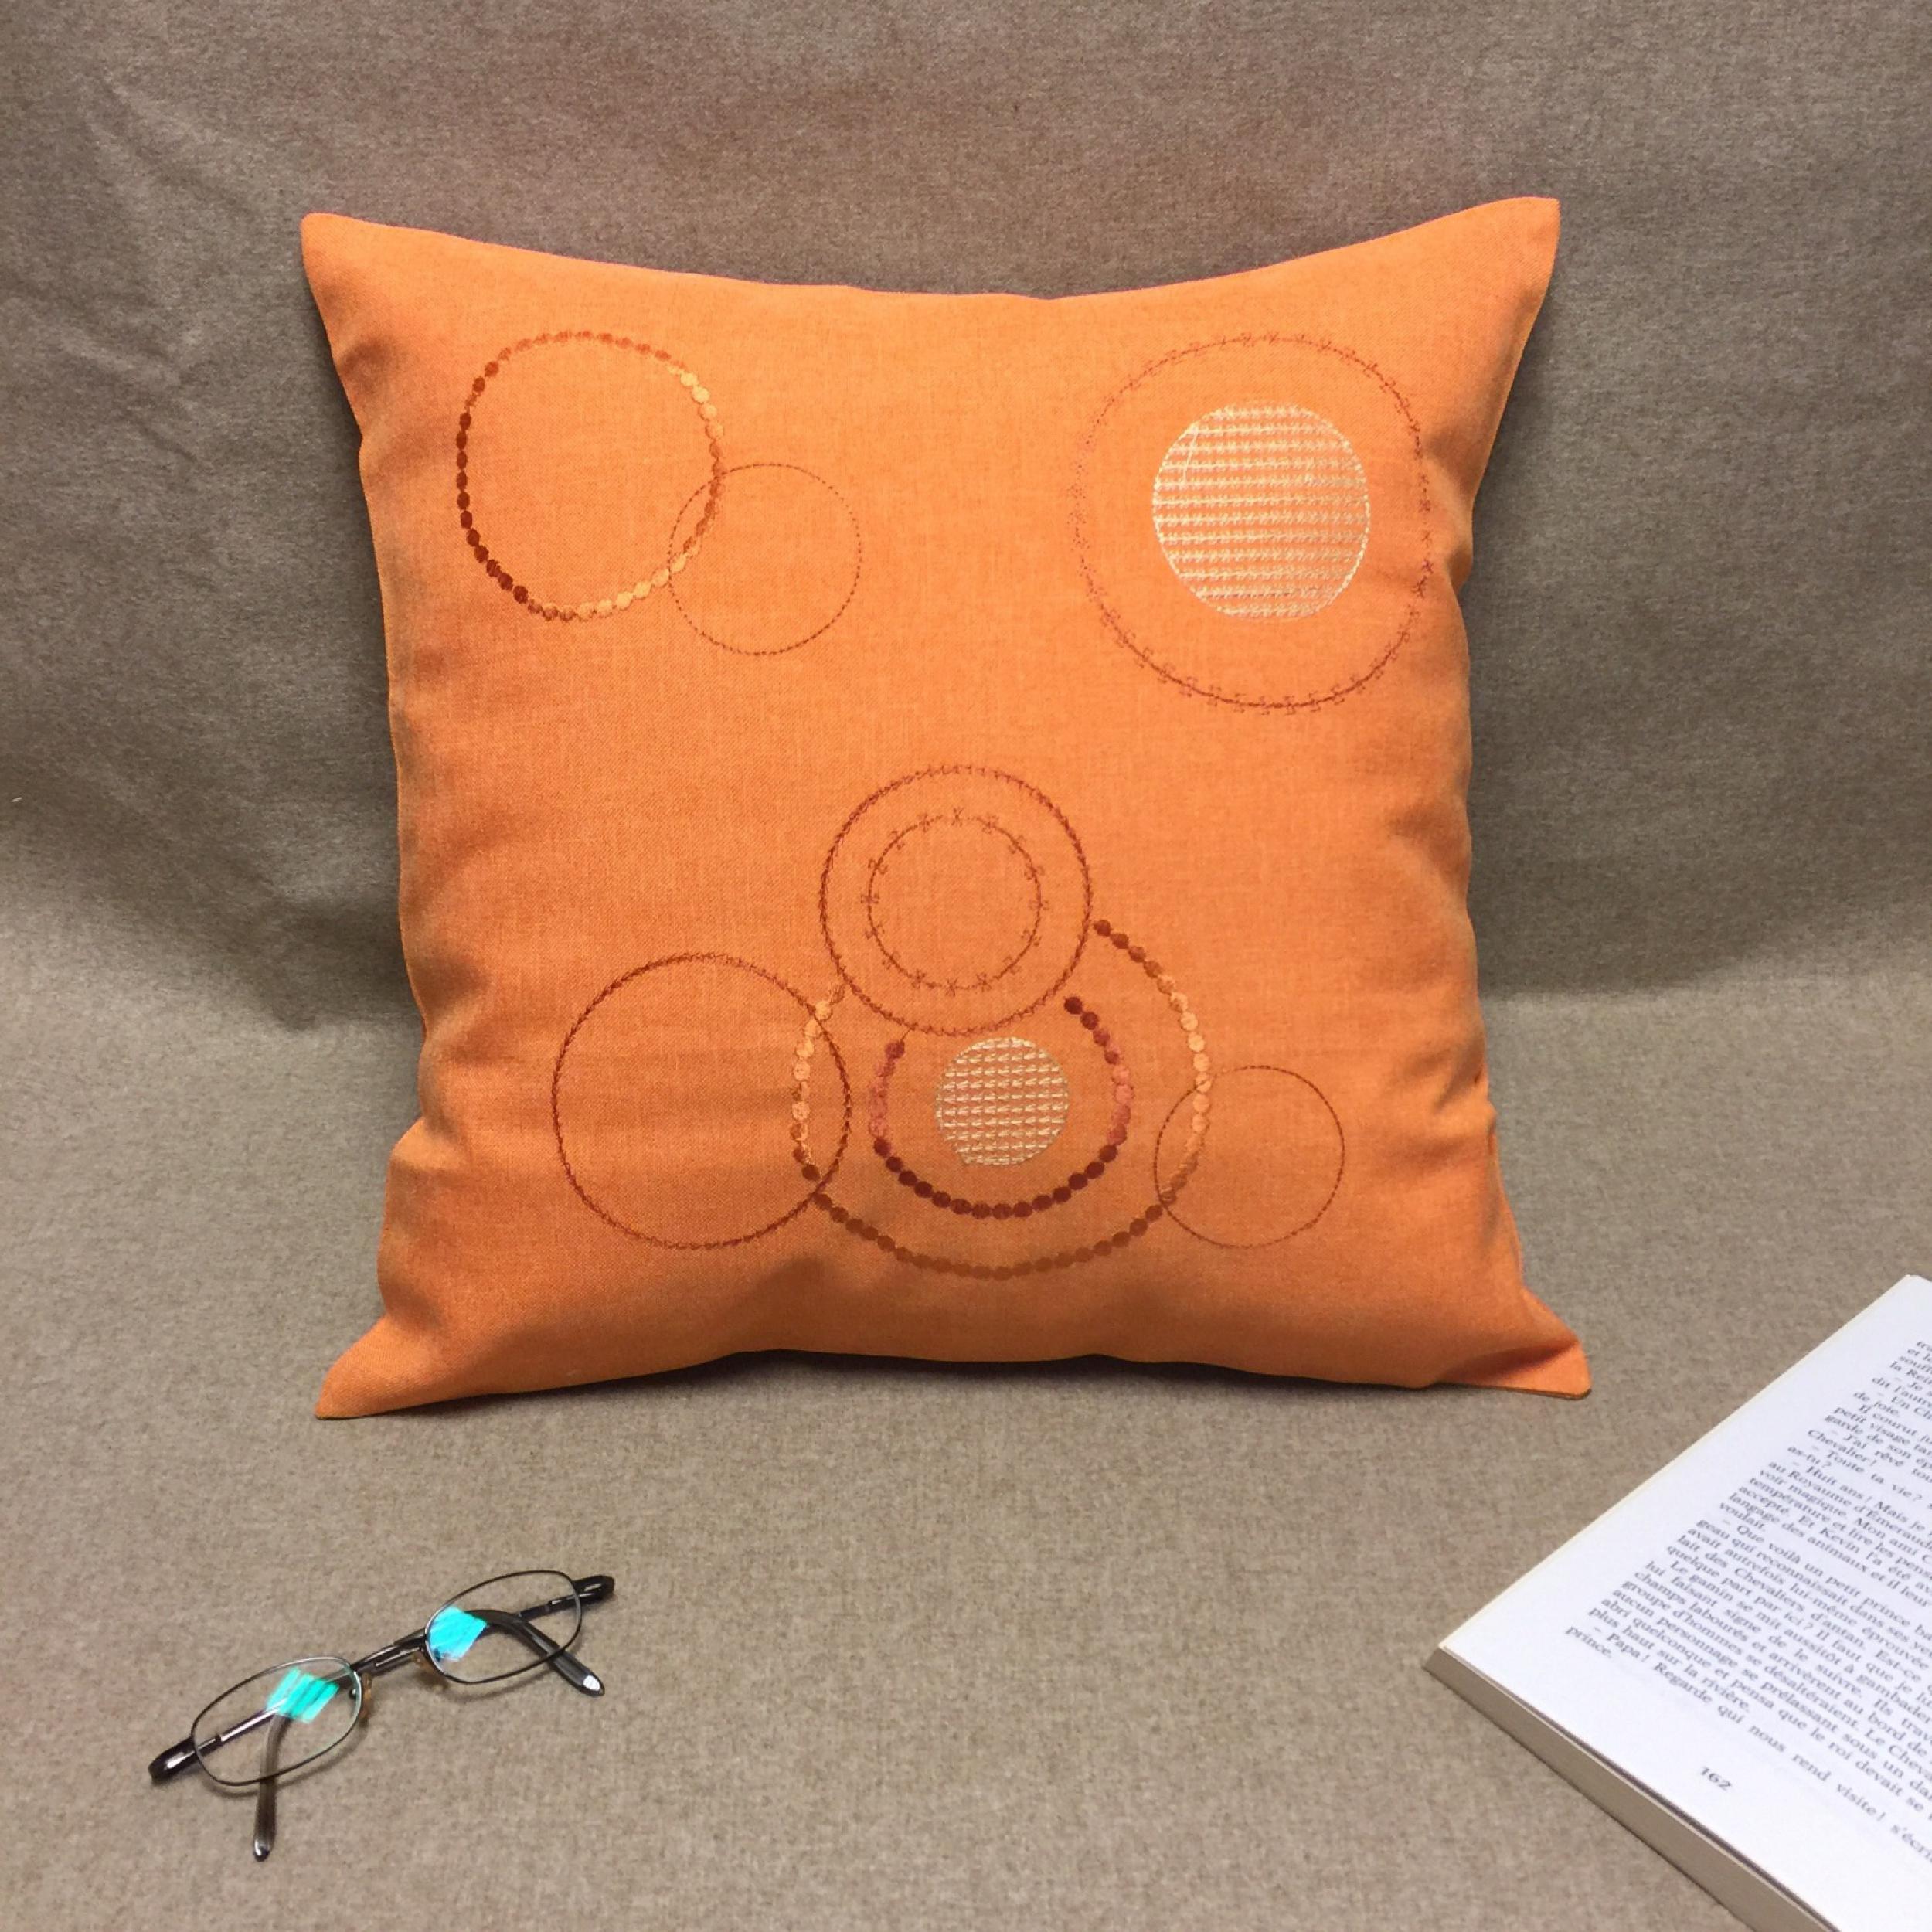 Housse de coussin MATHIS orange 40 x 40 cm   L'atelier de la toile